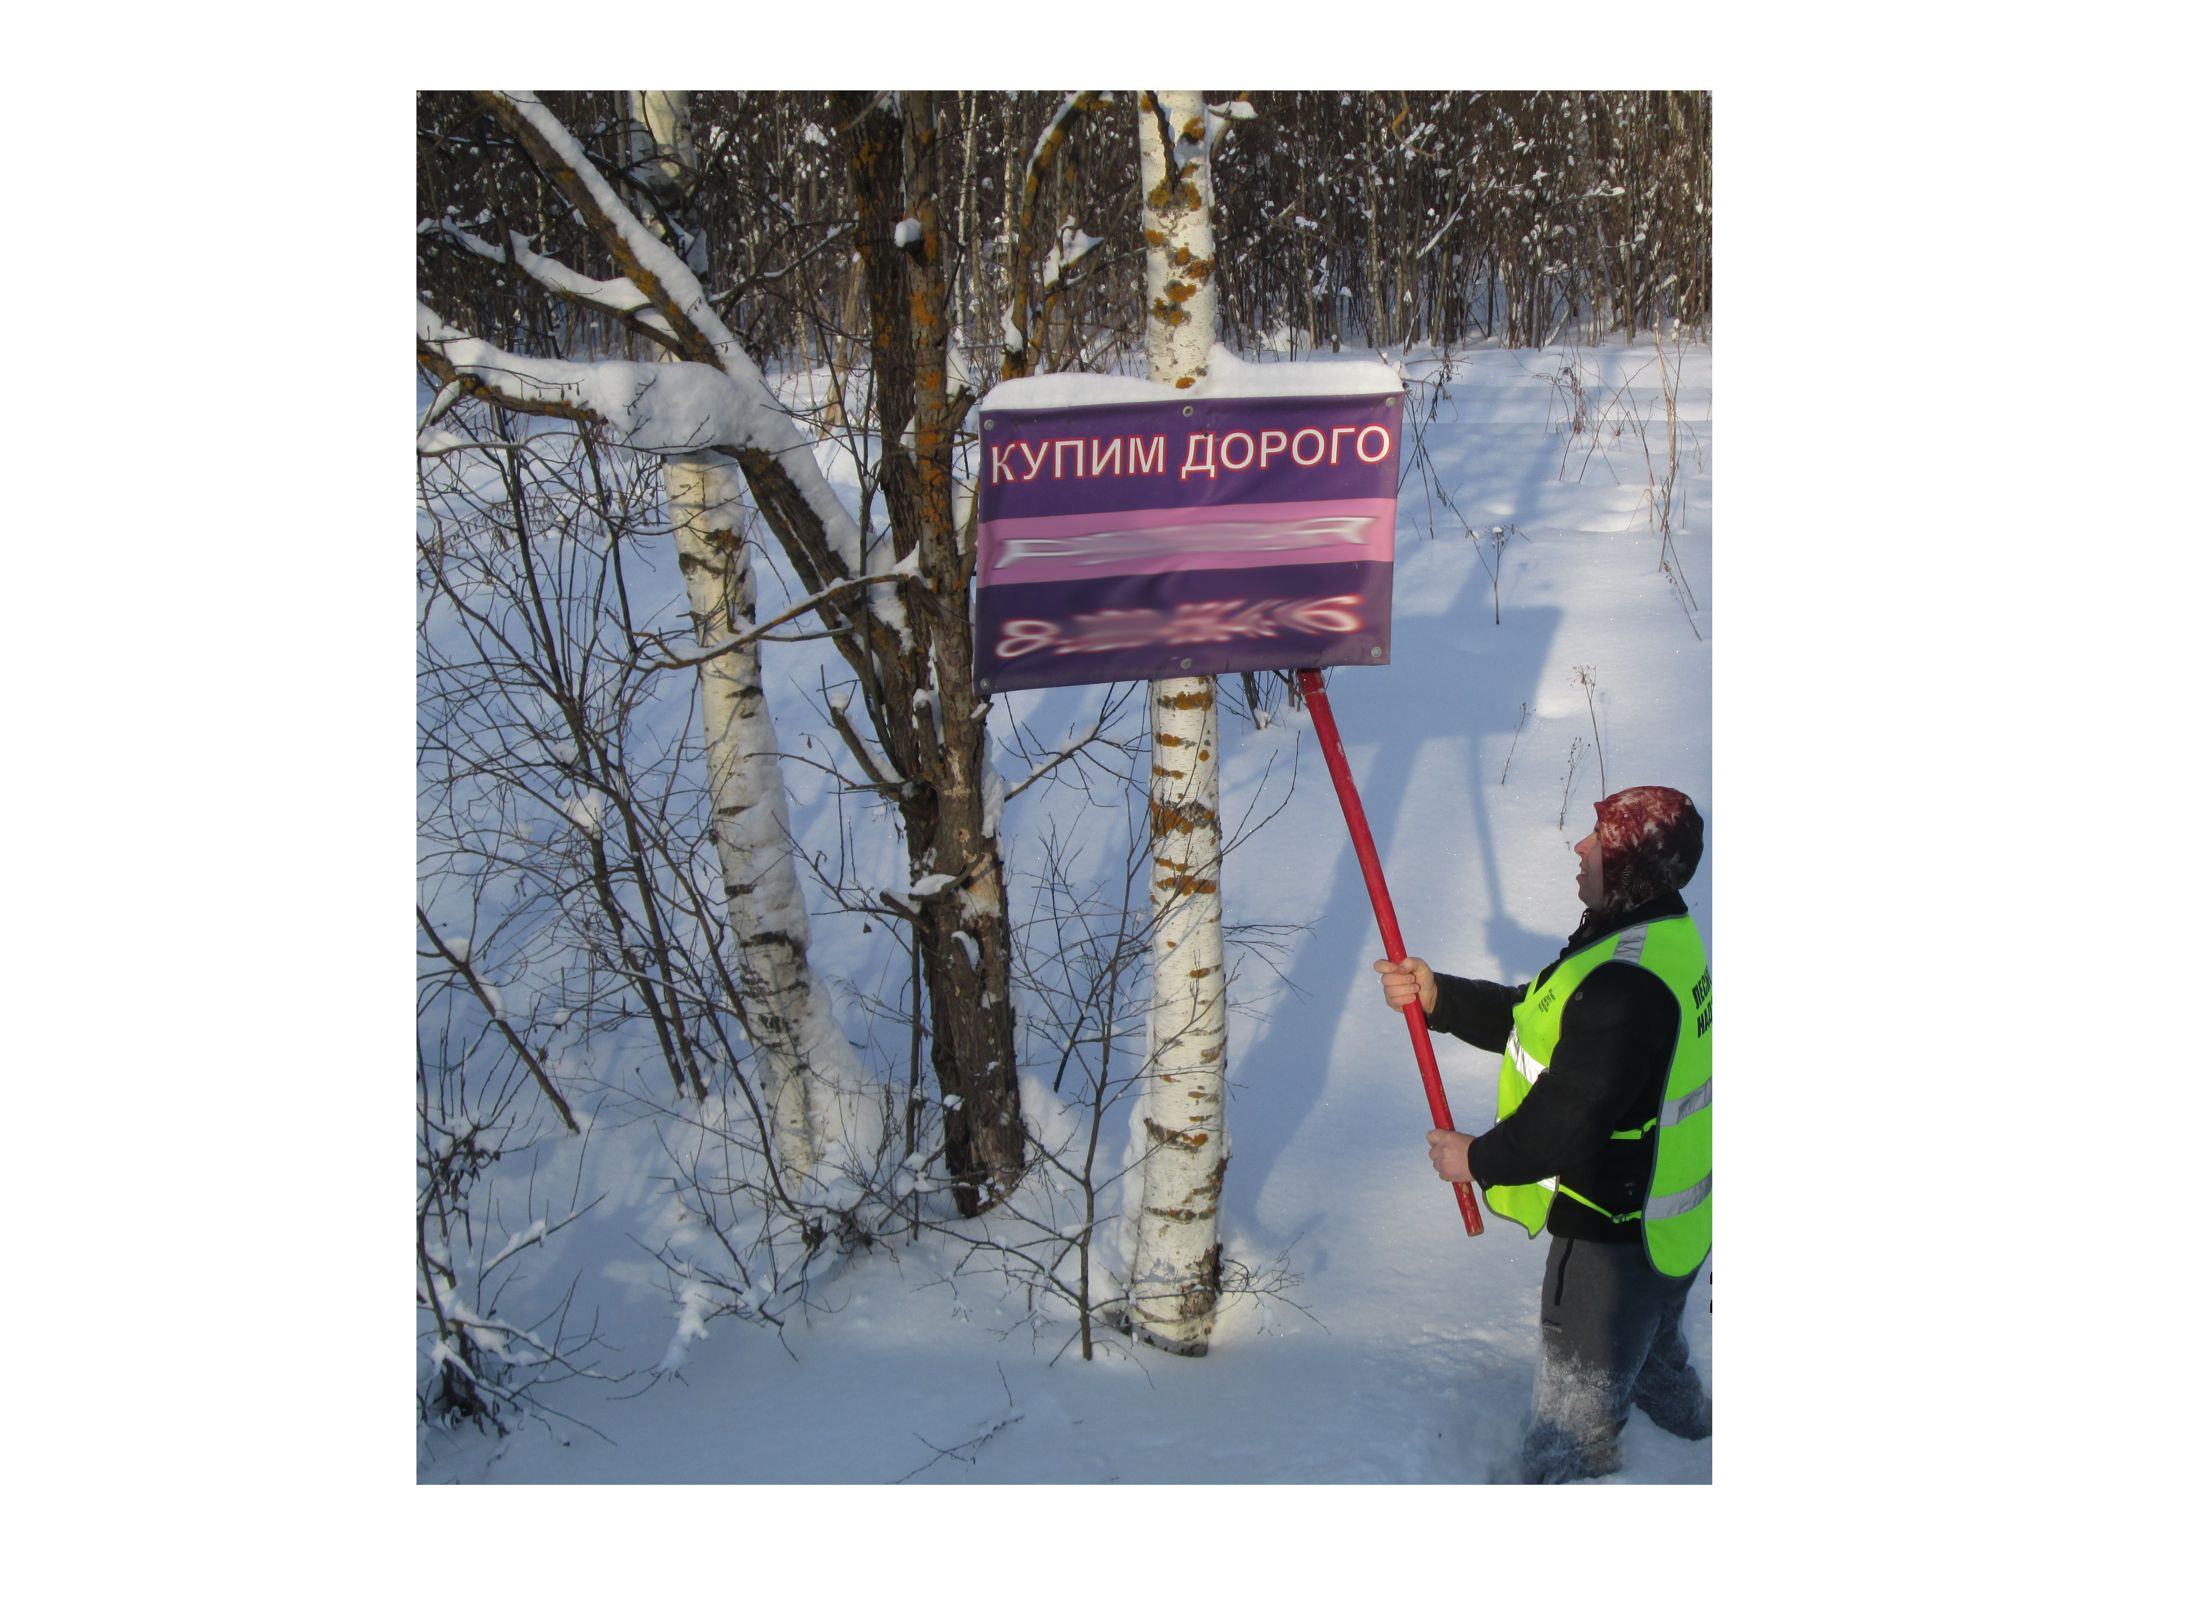 В Ярославской области демонтировали полтысячи рекламных конструкций, размещенных на деревьях